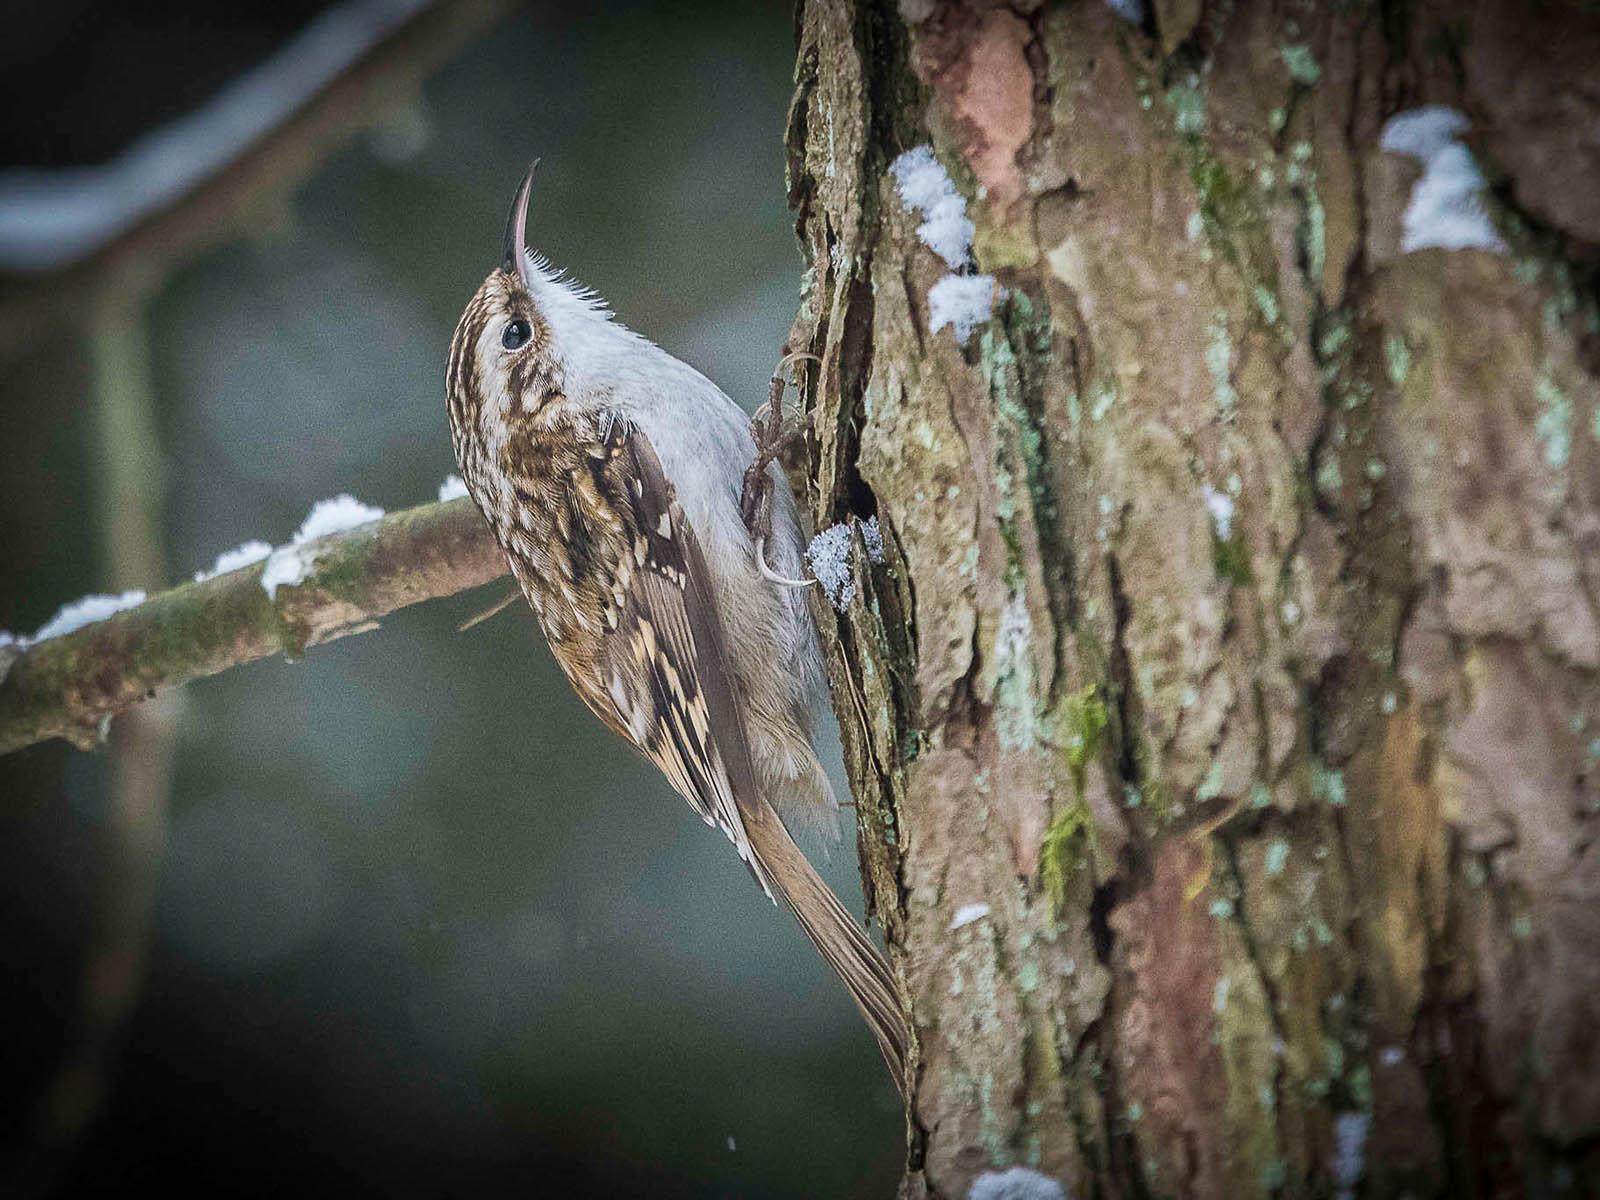 Mit scharfen Krallen verankert und vom Stützschwanz gesichert, hüpft der Baumläufer aufwärts.